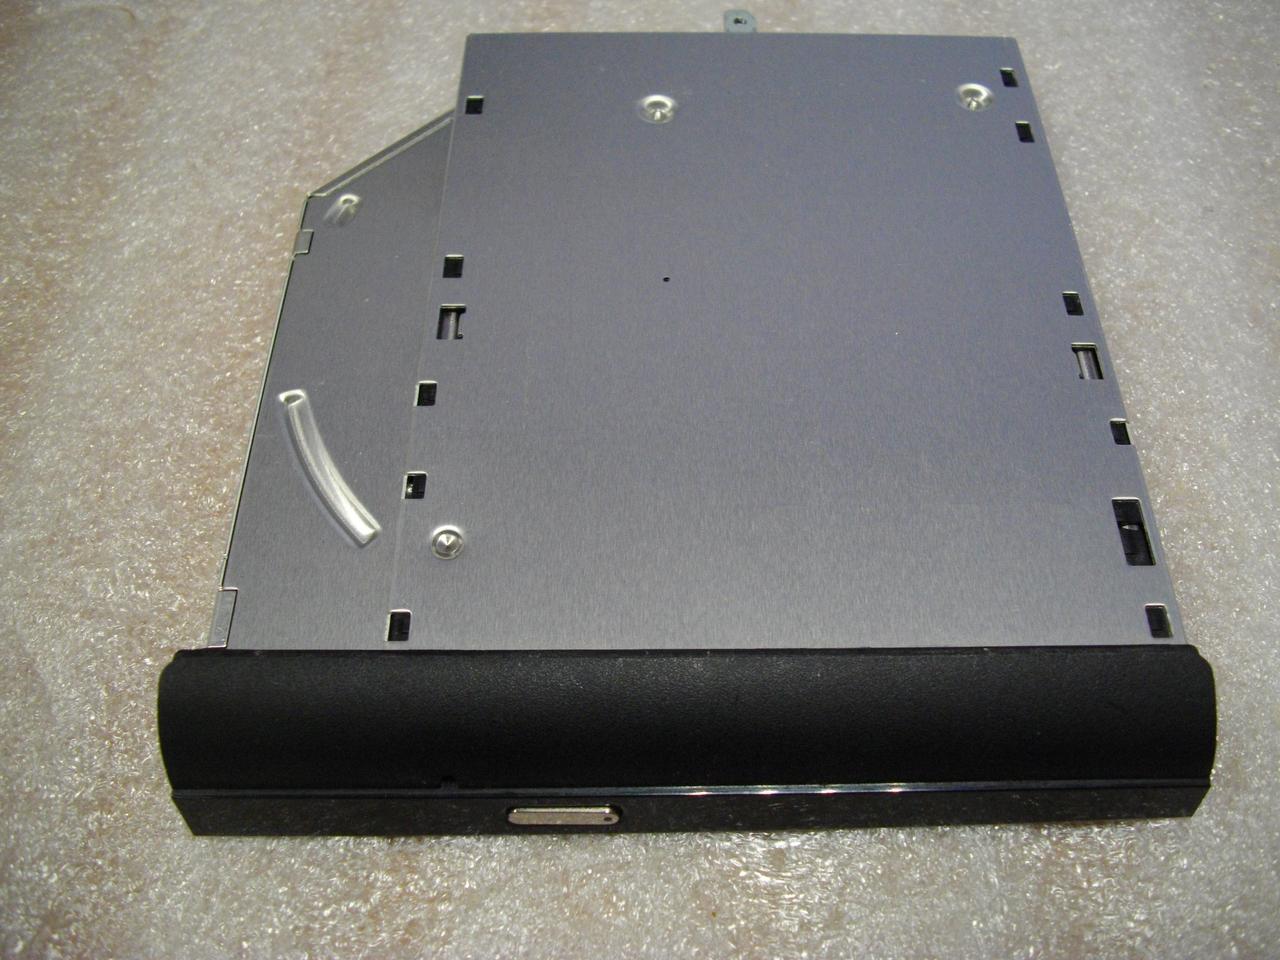 Дисковод, оптический привод CD RW DVD UJ8B1 HP G6-2126sr G6-2000 G6 БУ